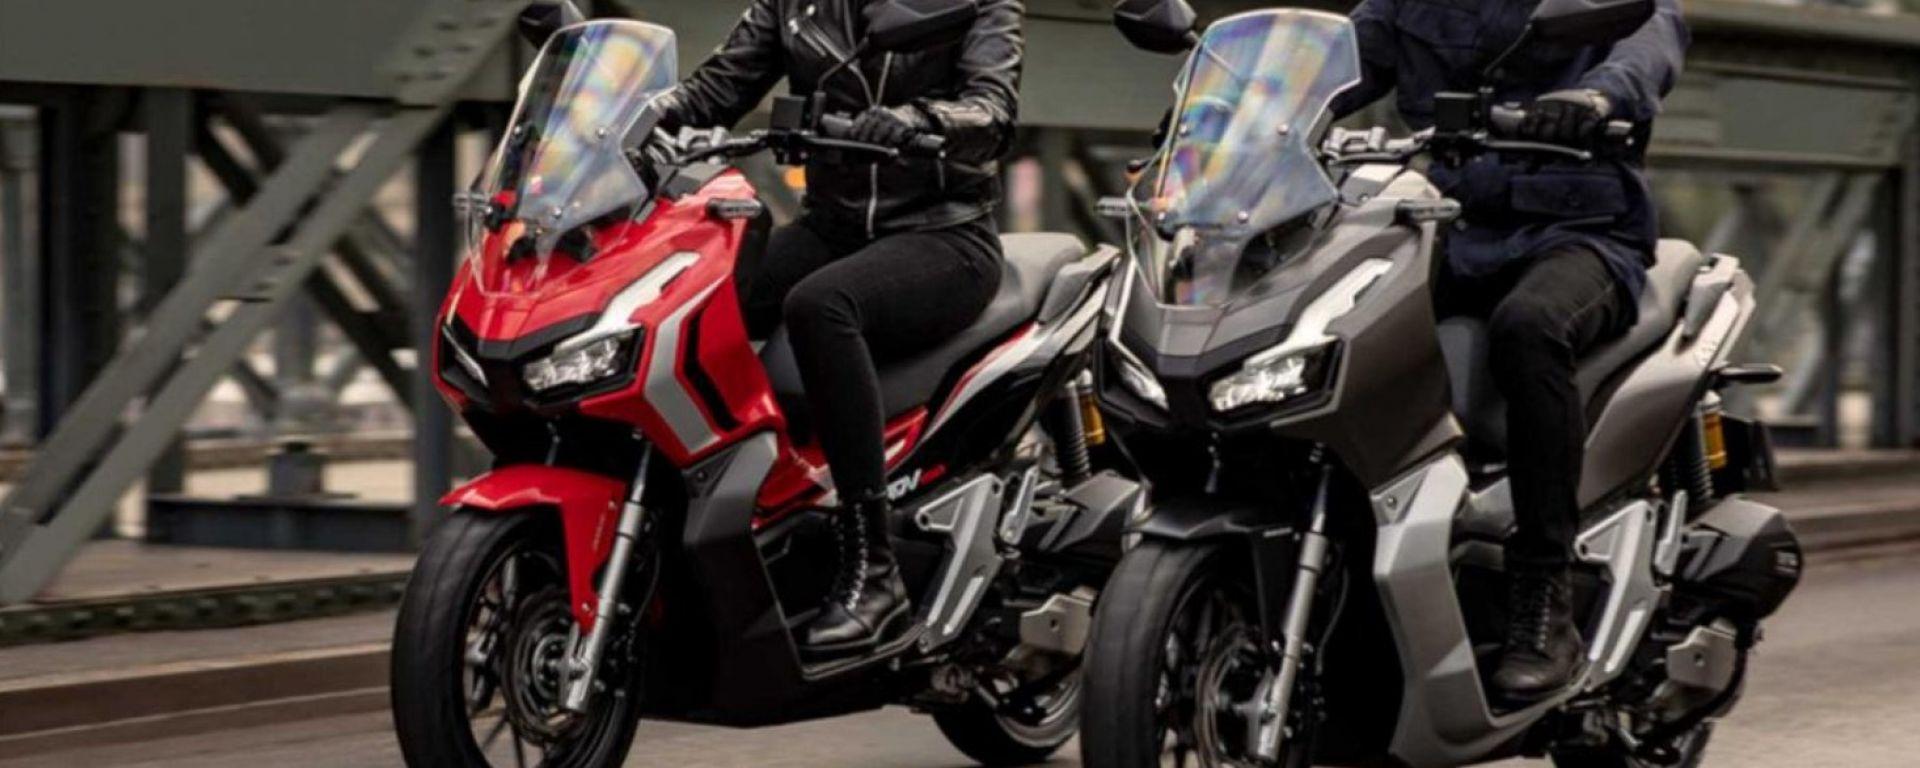 Honda ADV 150: il baby X-ADV forse anche in Italia